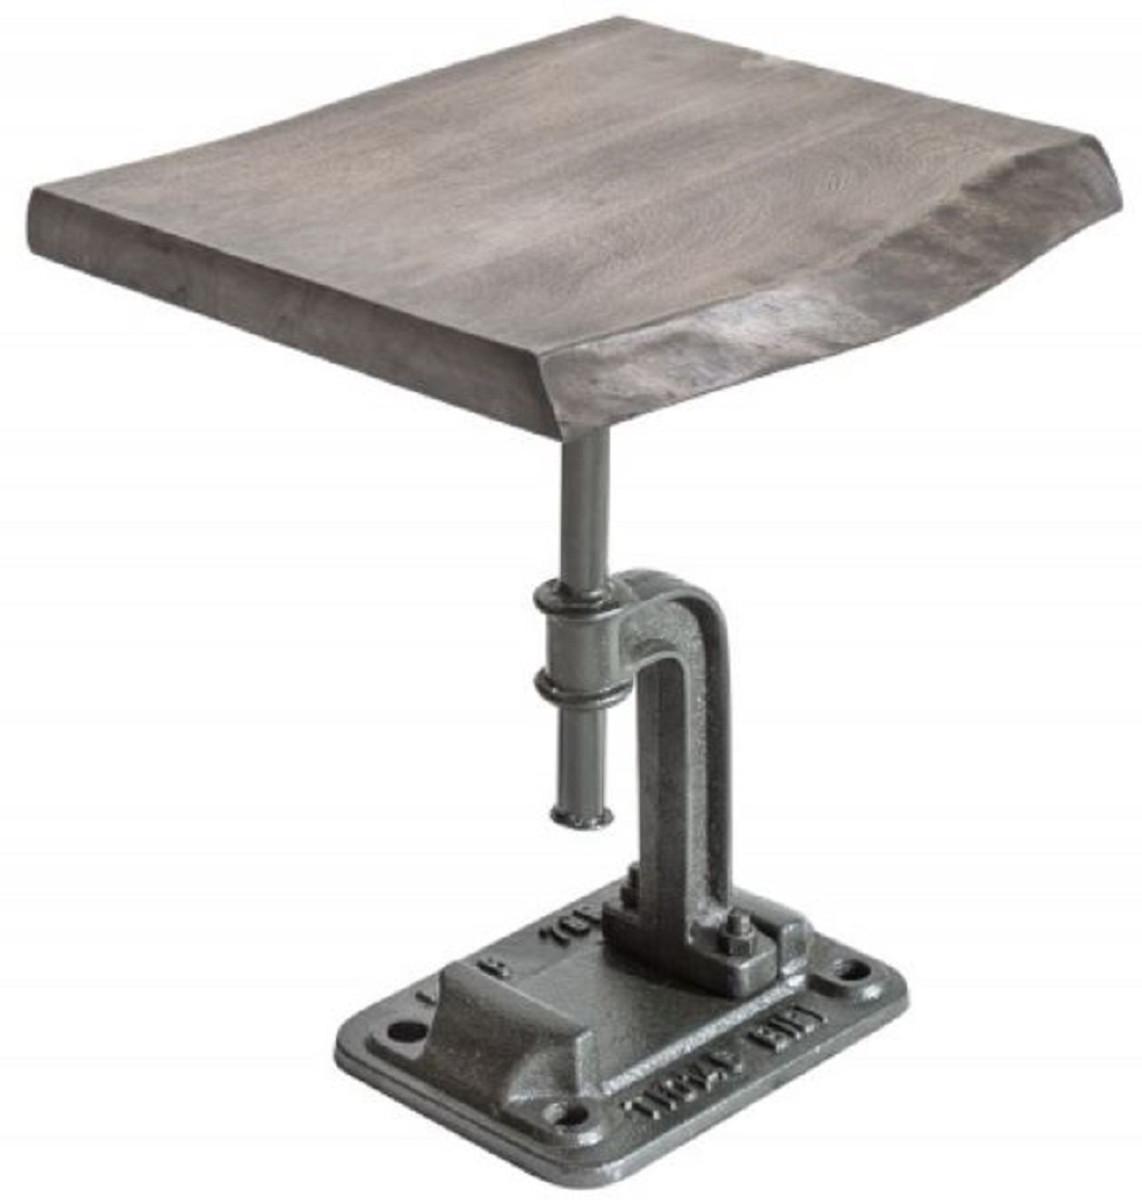 casa padrino table d appoint design industriel gris 43 x 35 x h 46 cm table metal style industriel avec plateau en bois massif mobilier design